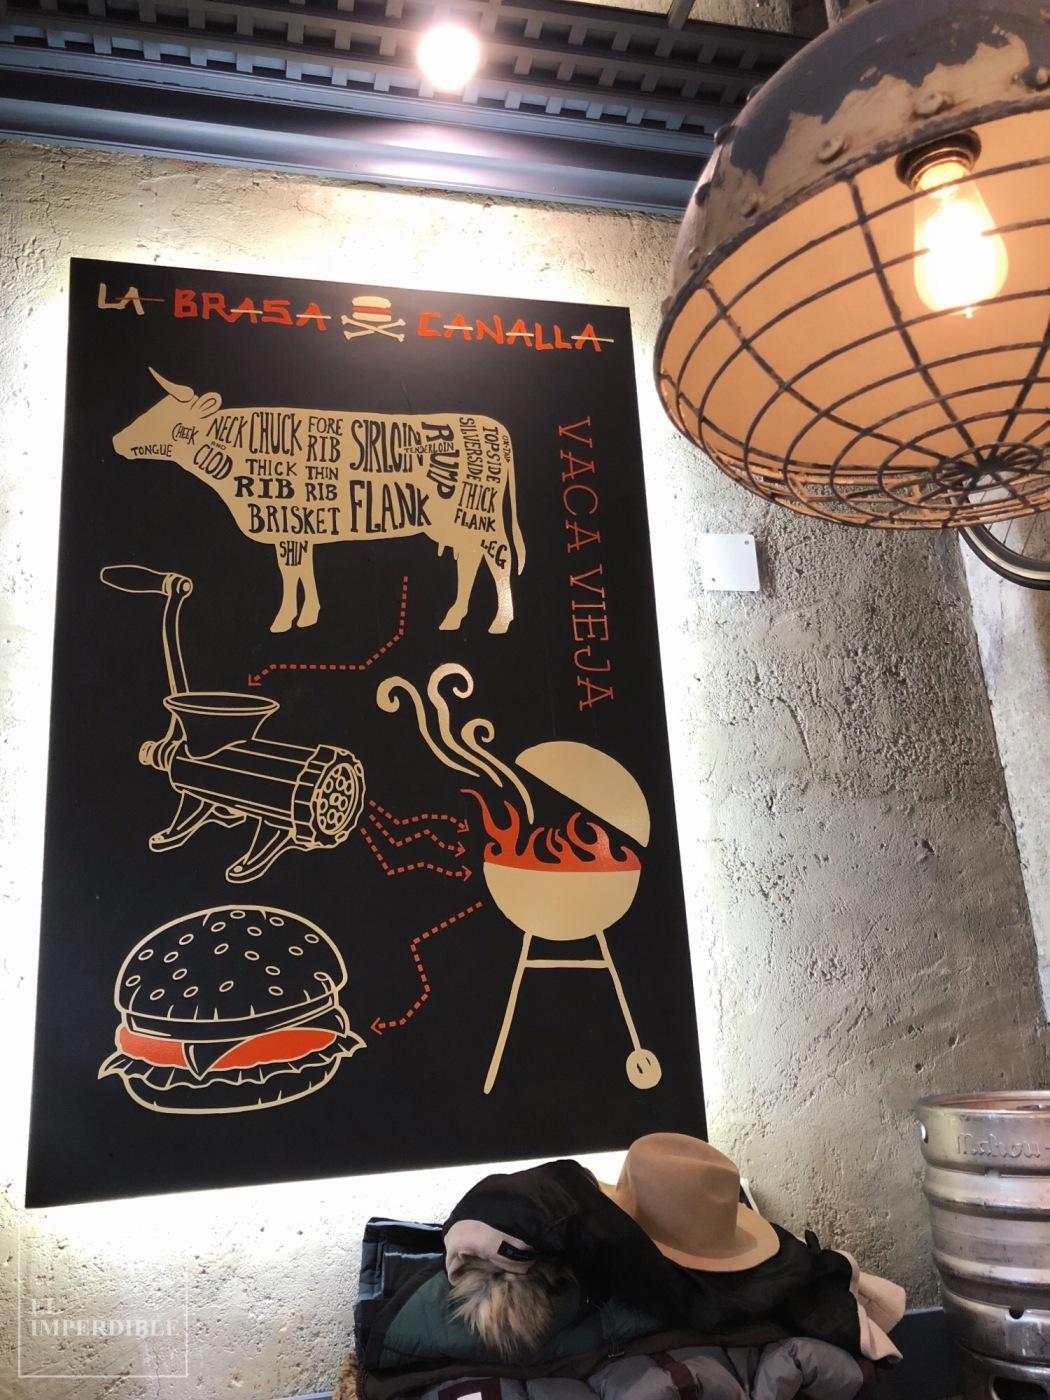 La brasa canalla - la mejor hamburguesa de bilbao